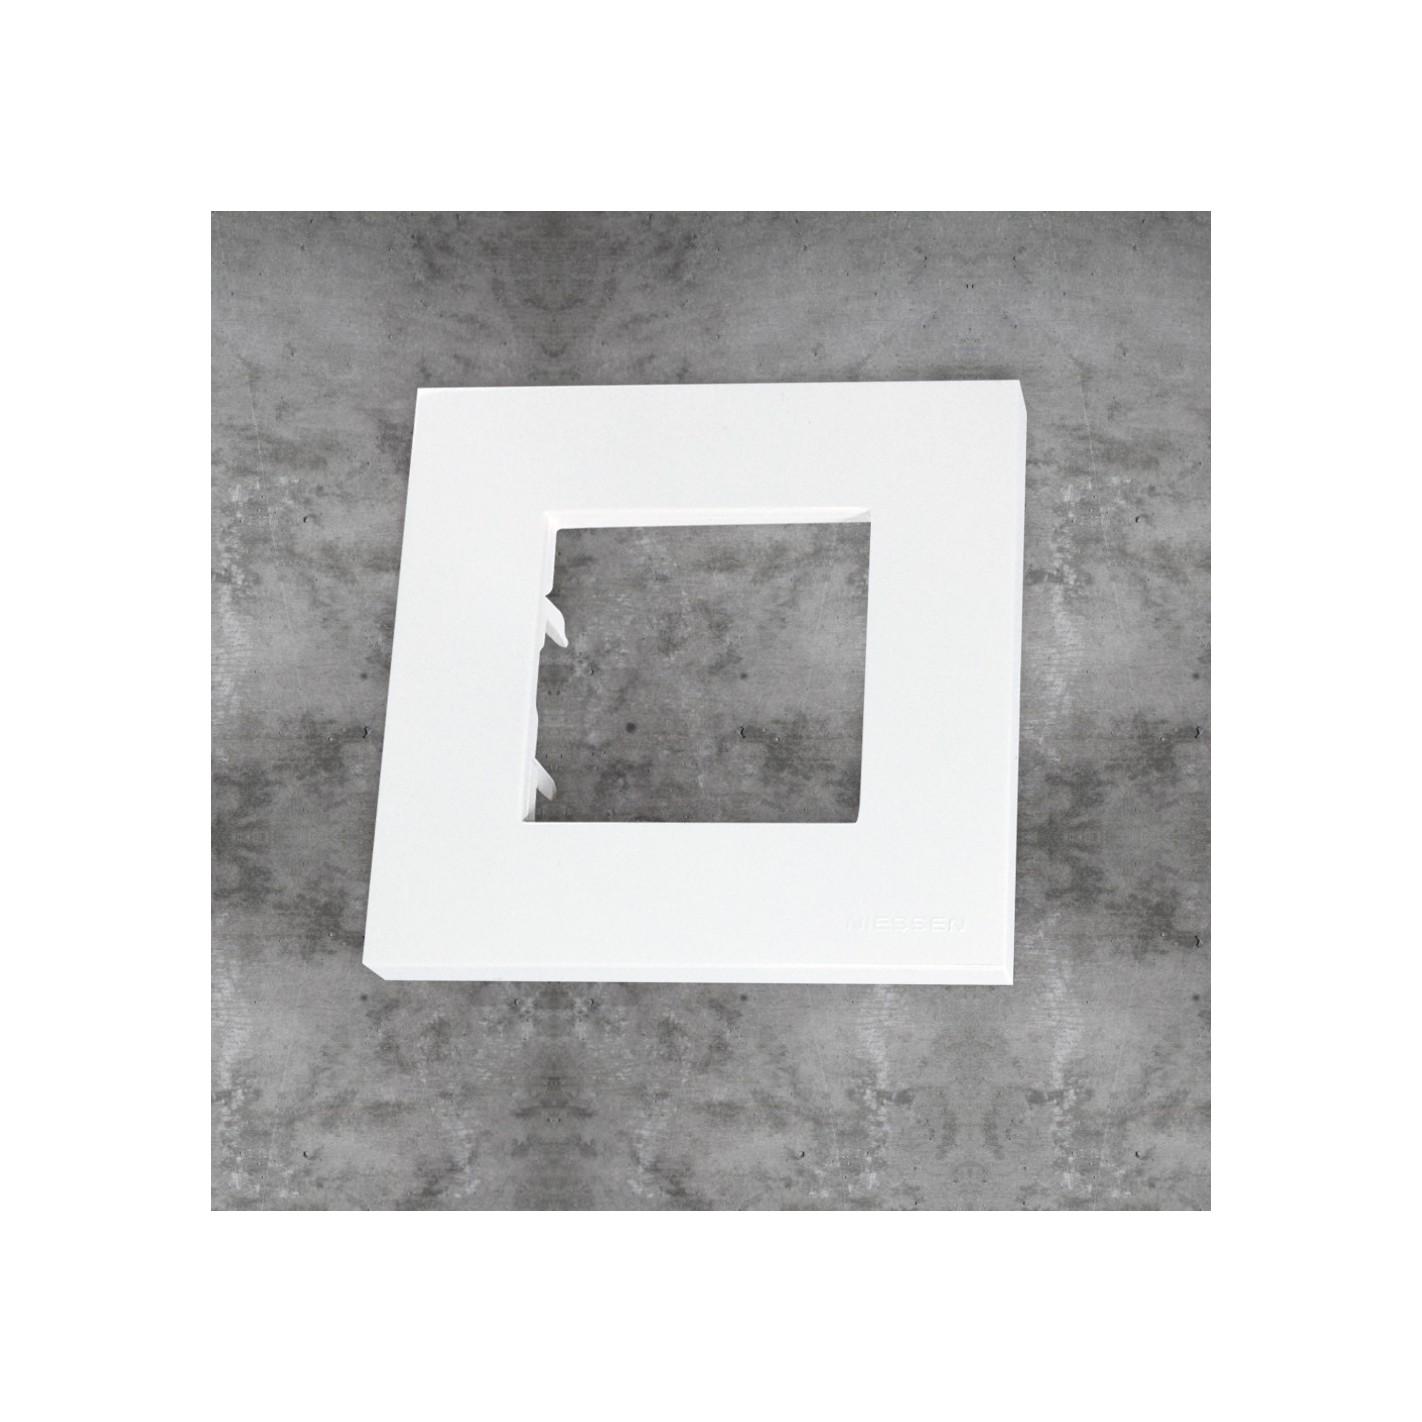 Marco b sico 1 ventana 2 m dulos blanco zenit niessen - Mecanismos niessen zenit ...